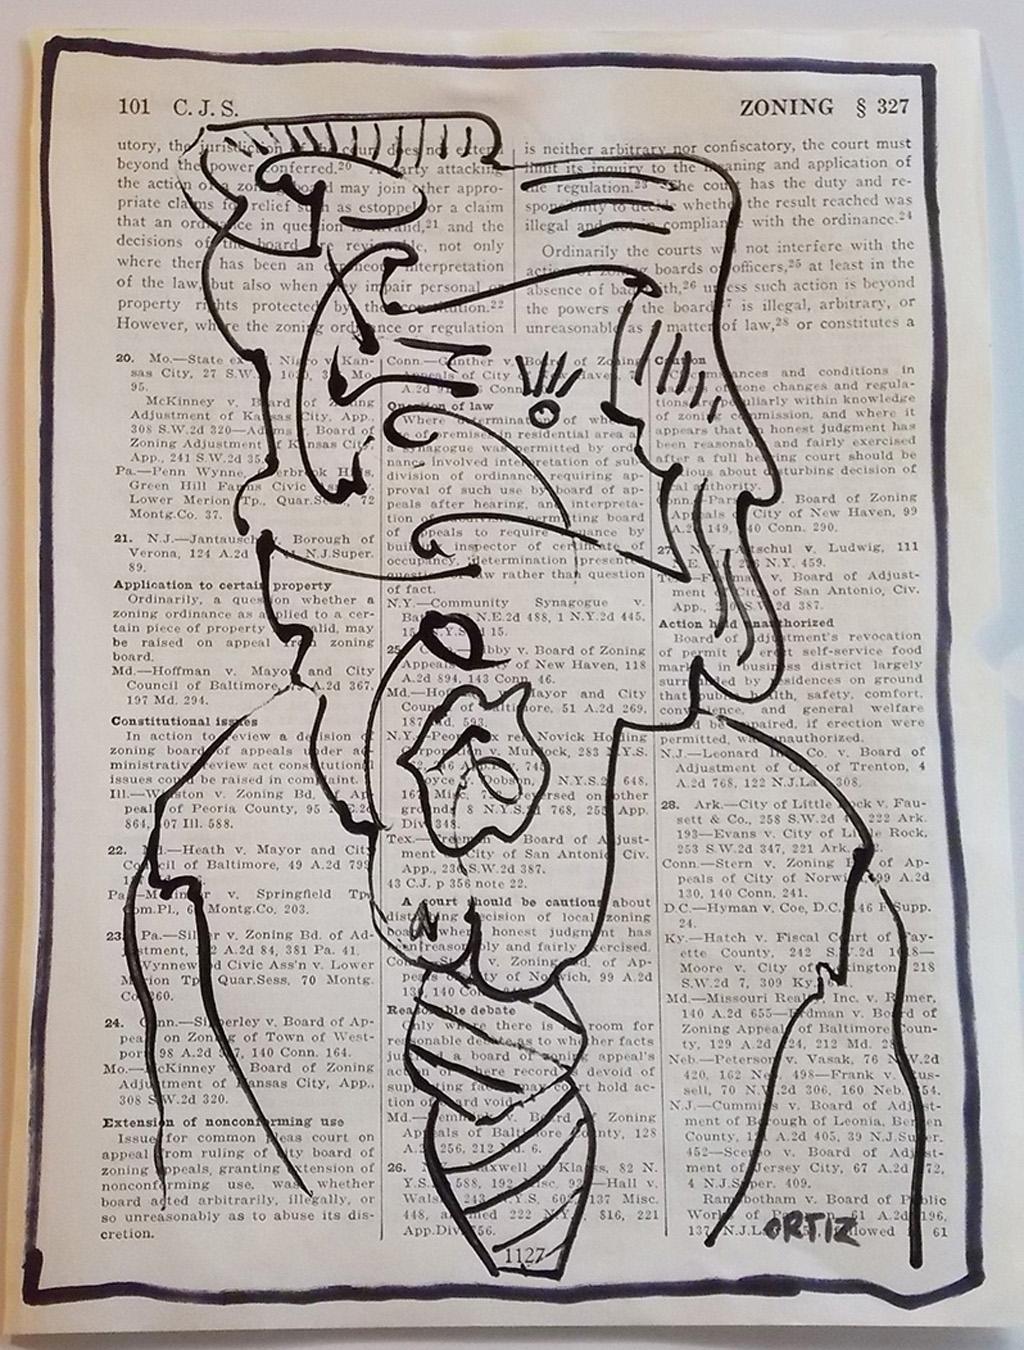 120. Mr Tie Guy